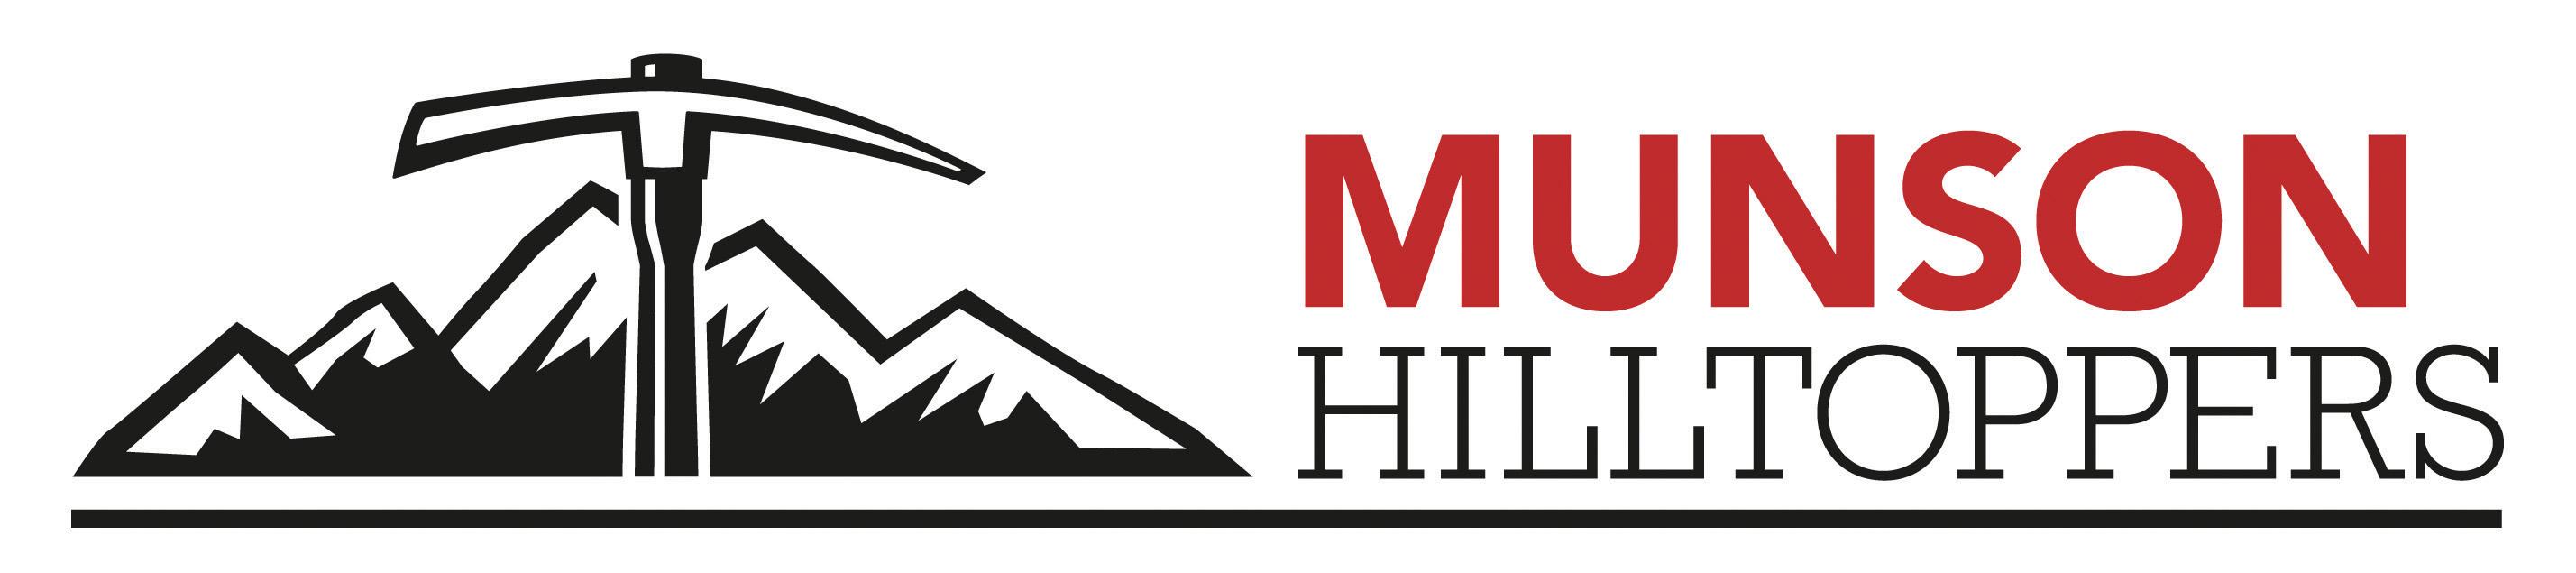 Munson Hilltoppers mountain axe logo